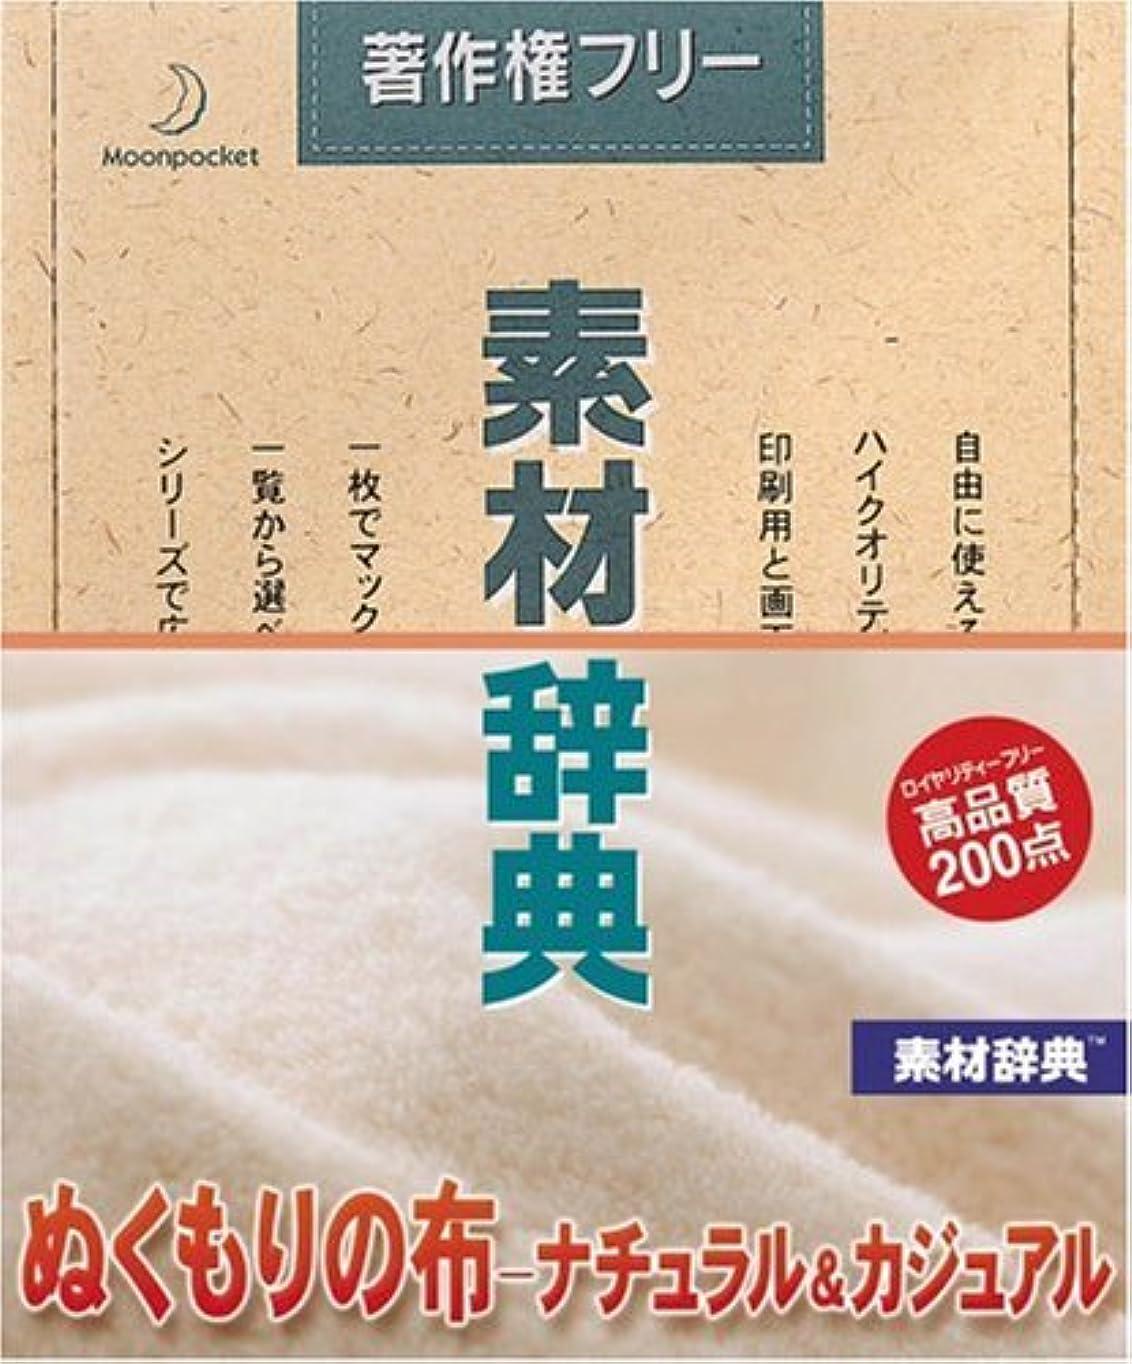 適応的迷惑ブレイズ素材辞典 Vol.118 ぬくもりの布-ナチュラル&カジュアル編